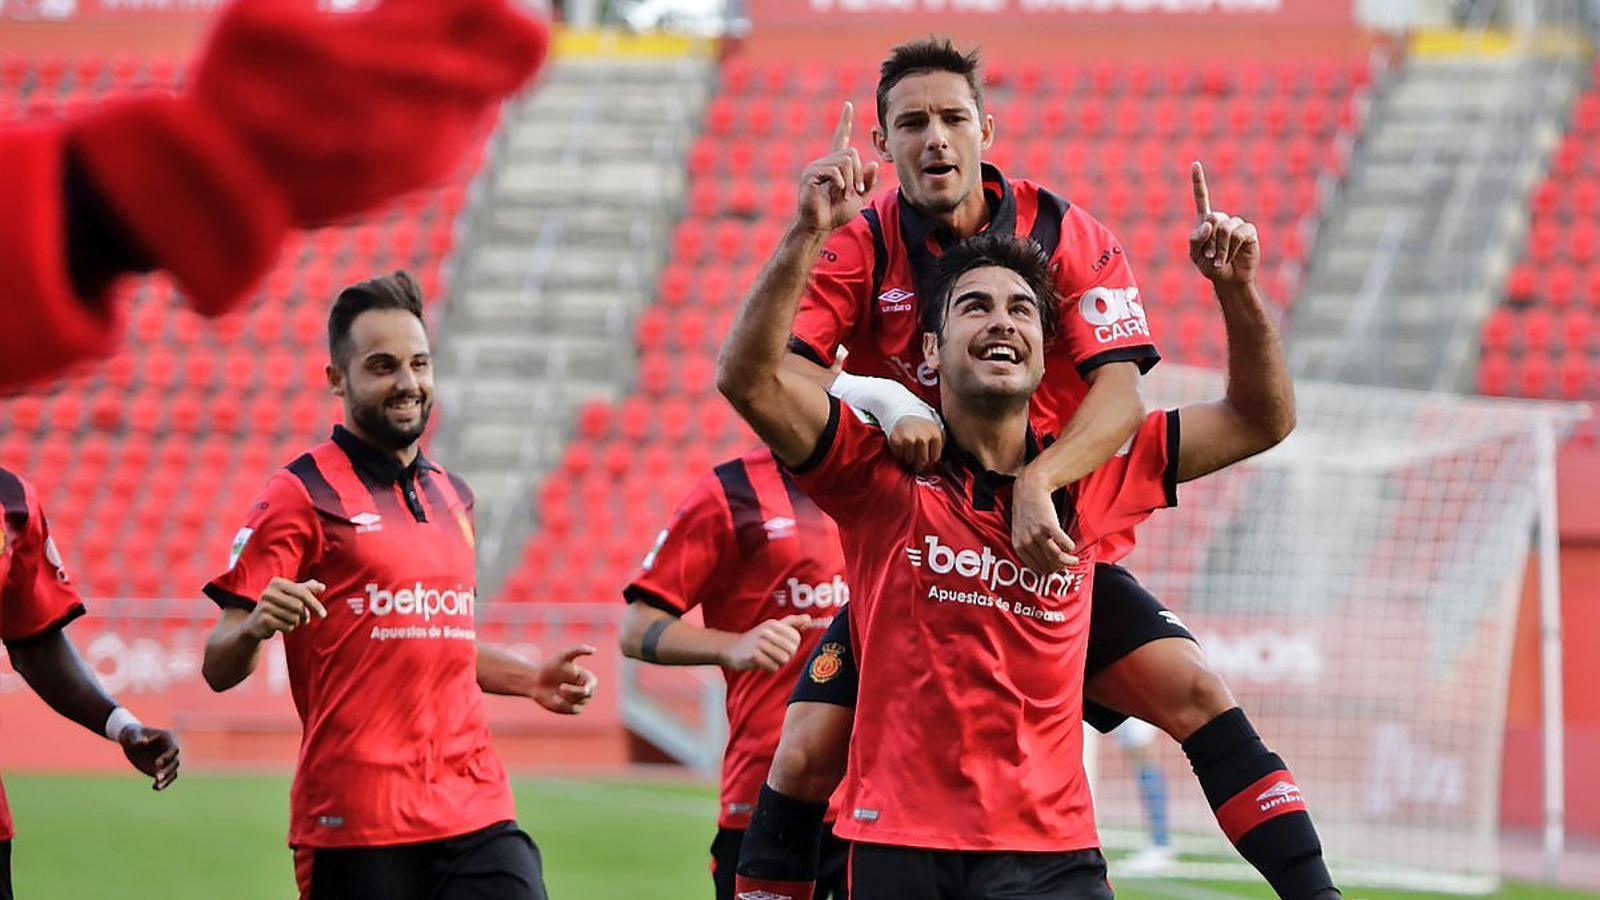 El Mallorca i l'Atlètic Balears juguen un derbi històric a Son Moix